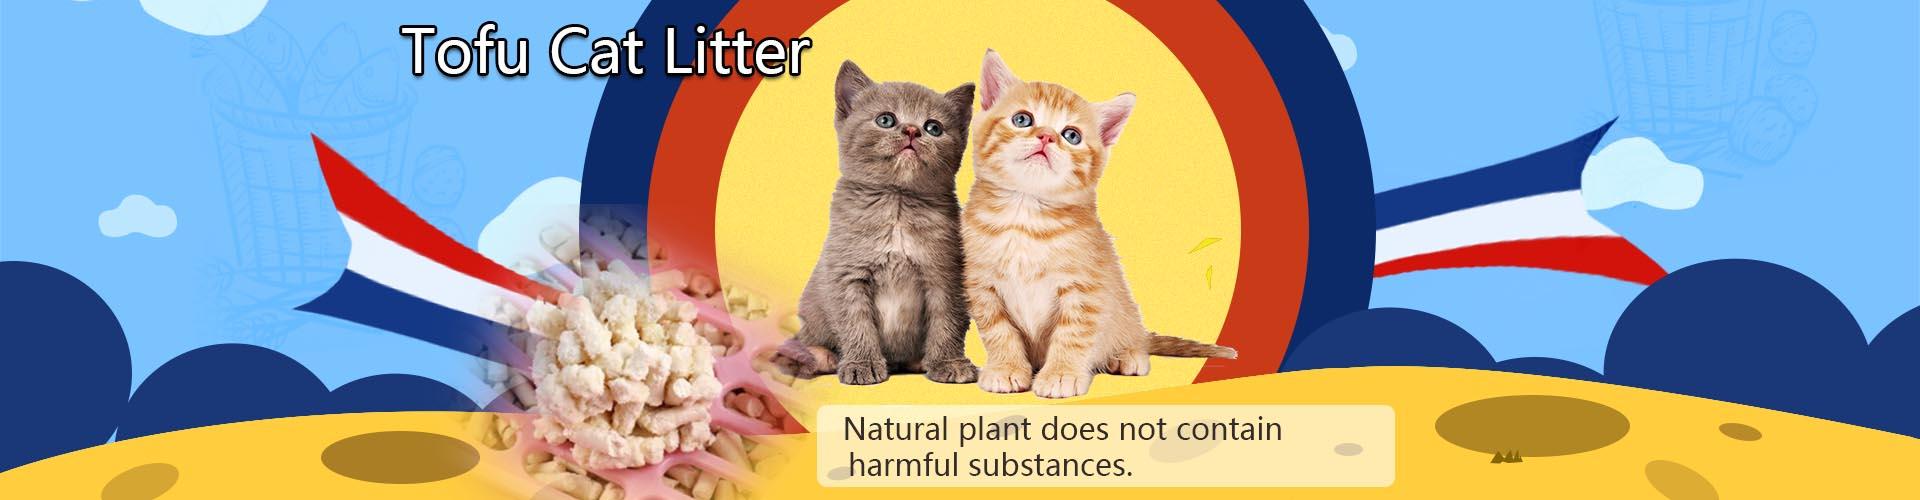 tofu-cat-litter